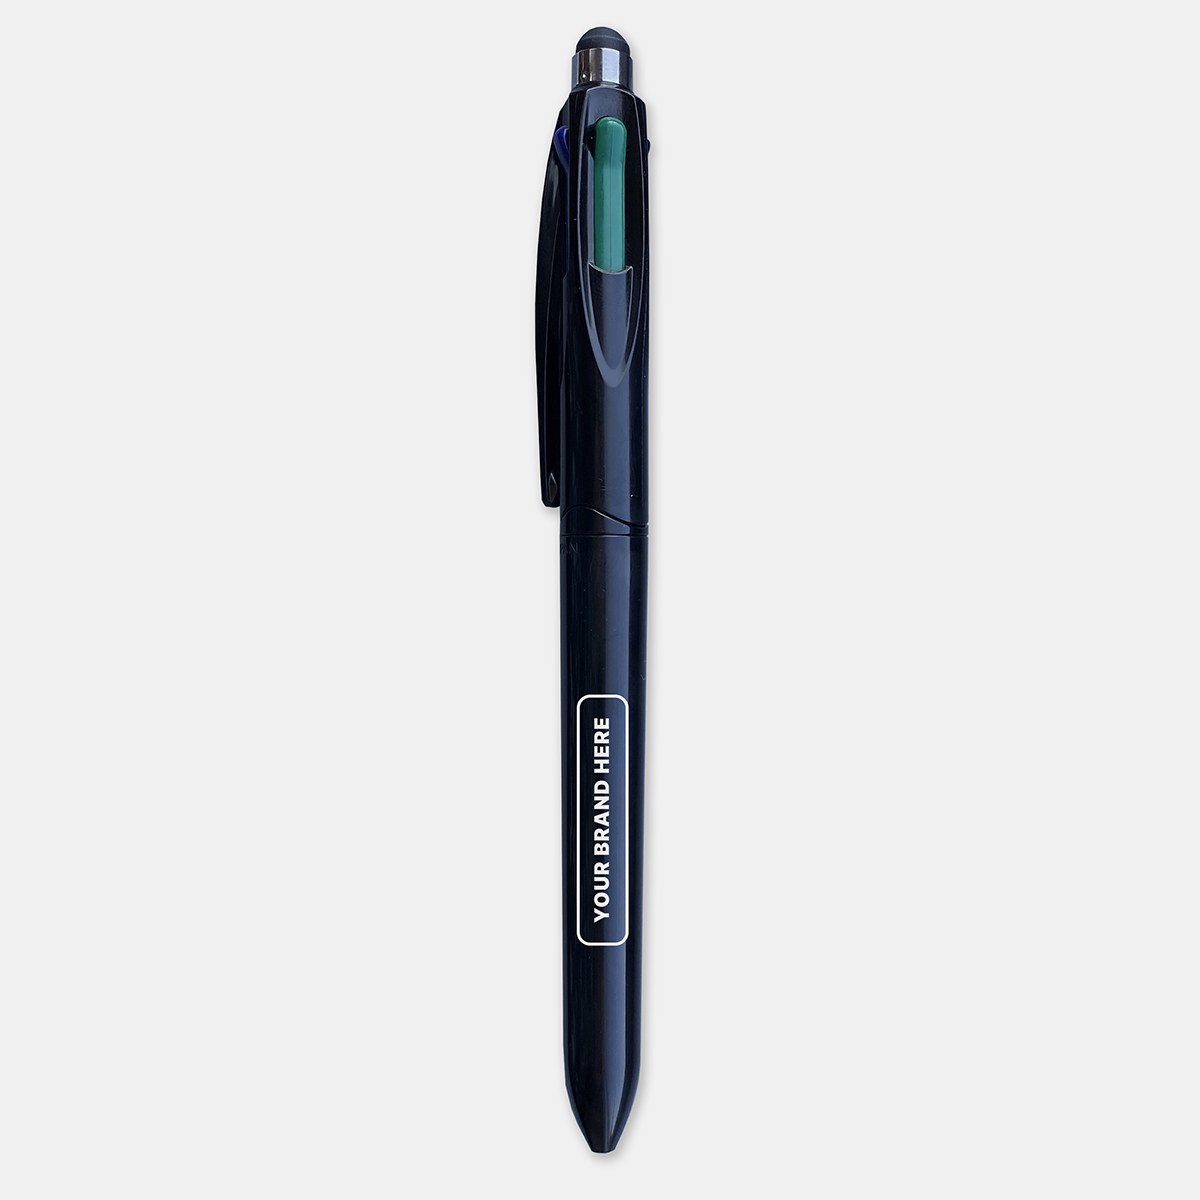 4 Colour Pen With Stylus